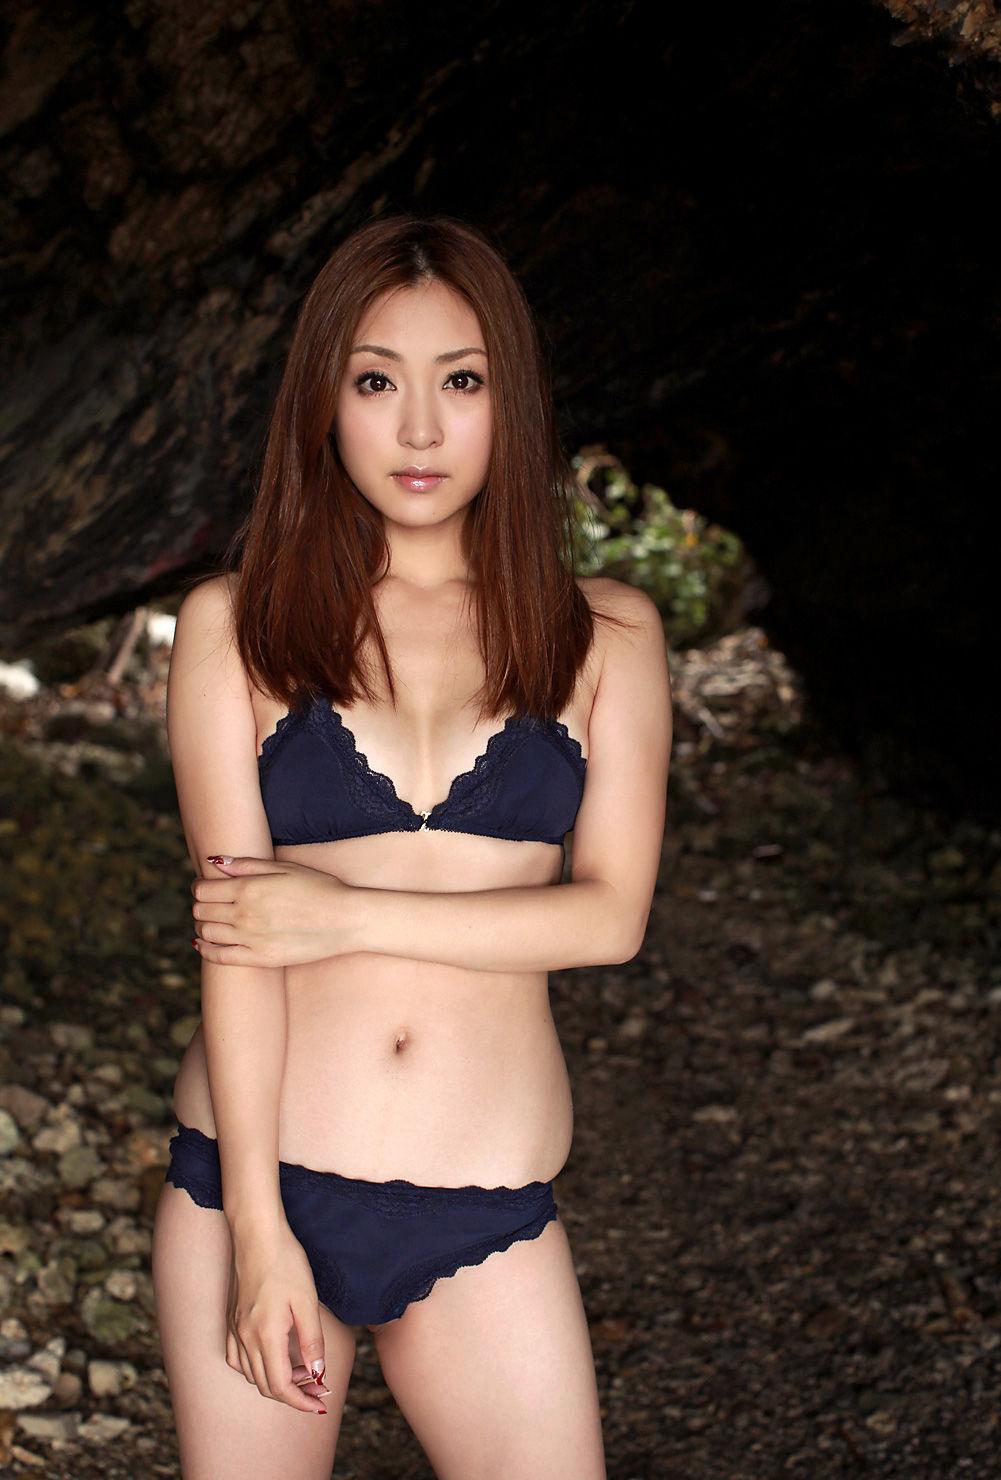 辰巳奈都子 画像 48